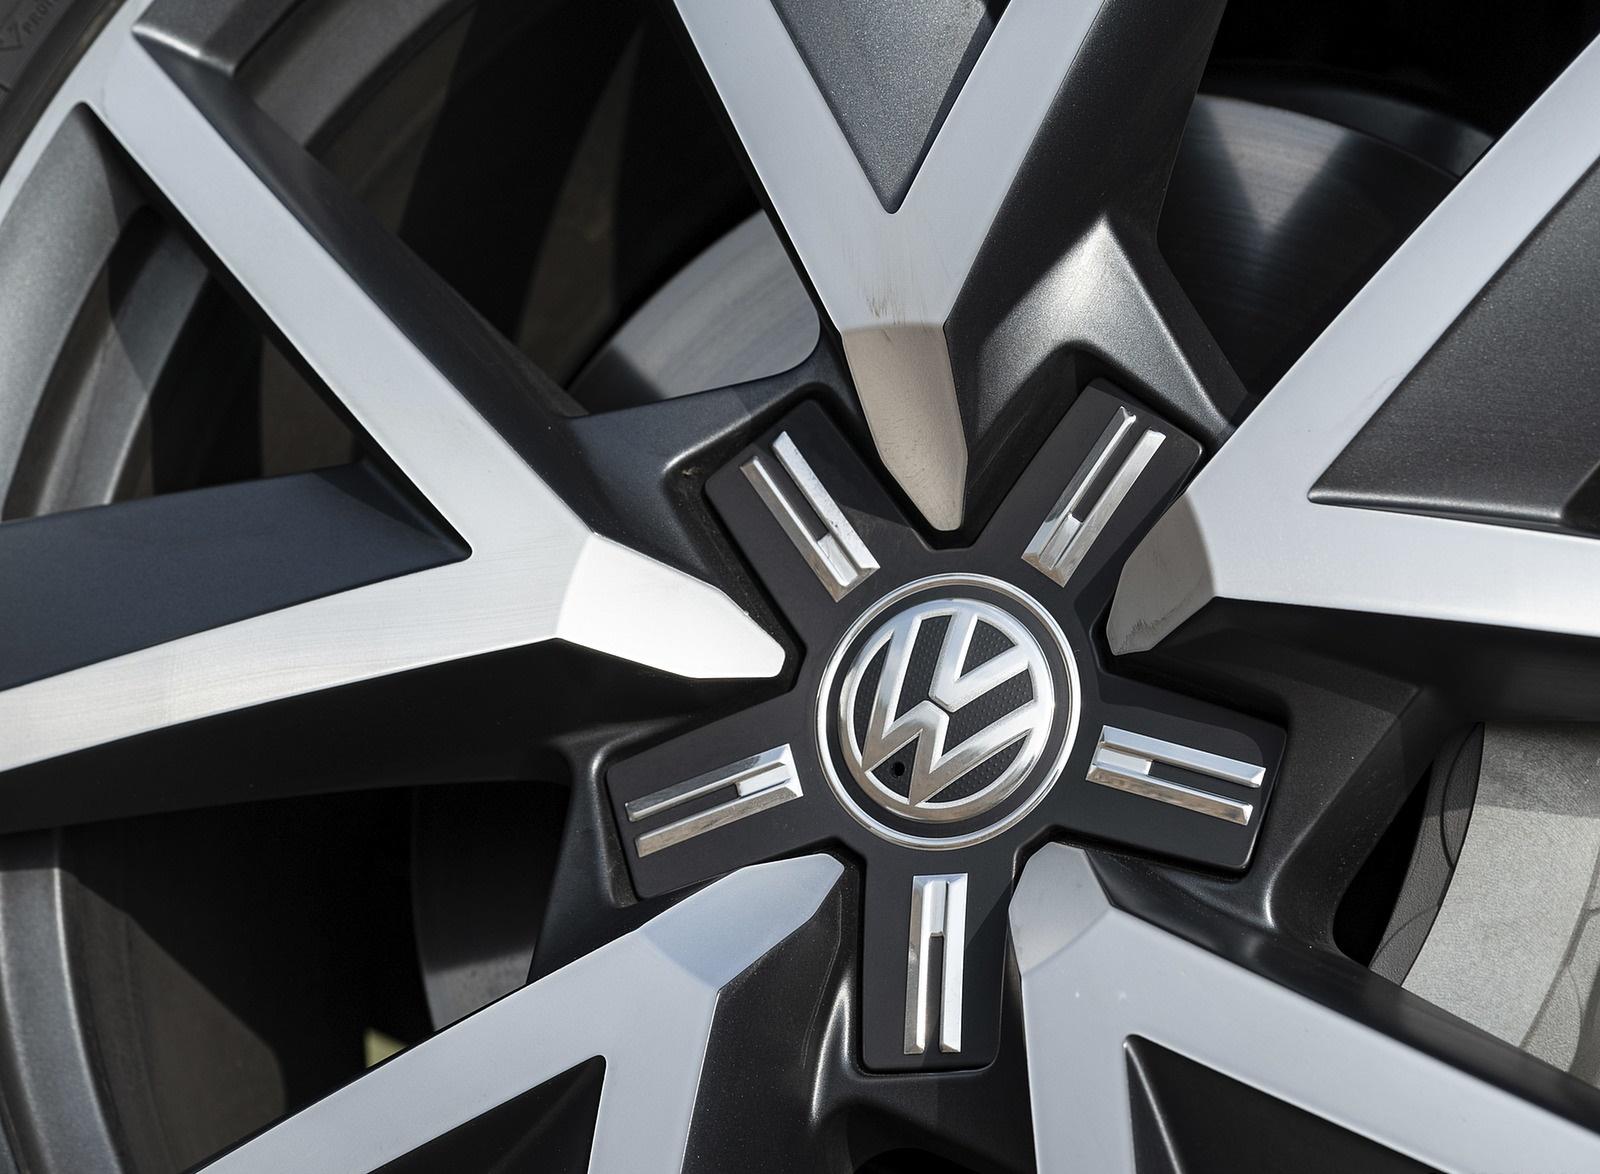 2019 Volkswagen Touareg V6 TDI R-Line (UK-Spec) Wheel Wallpapers #33 of 43